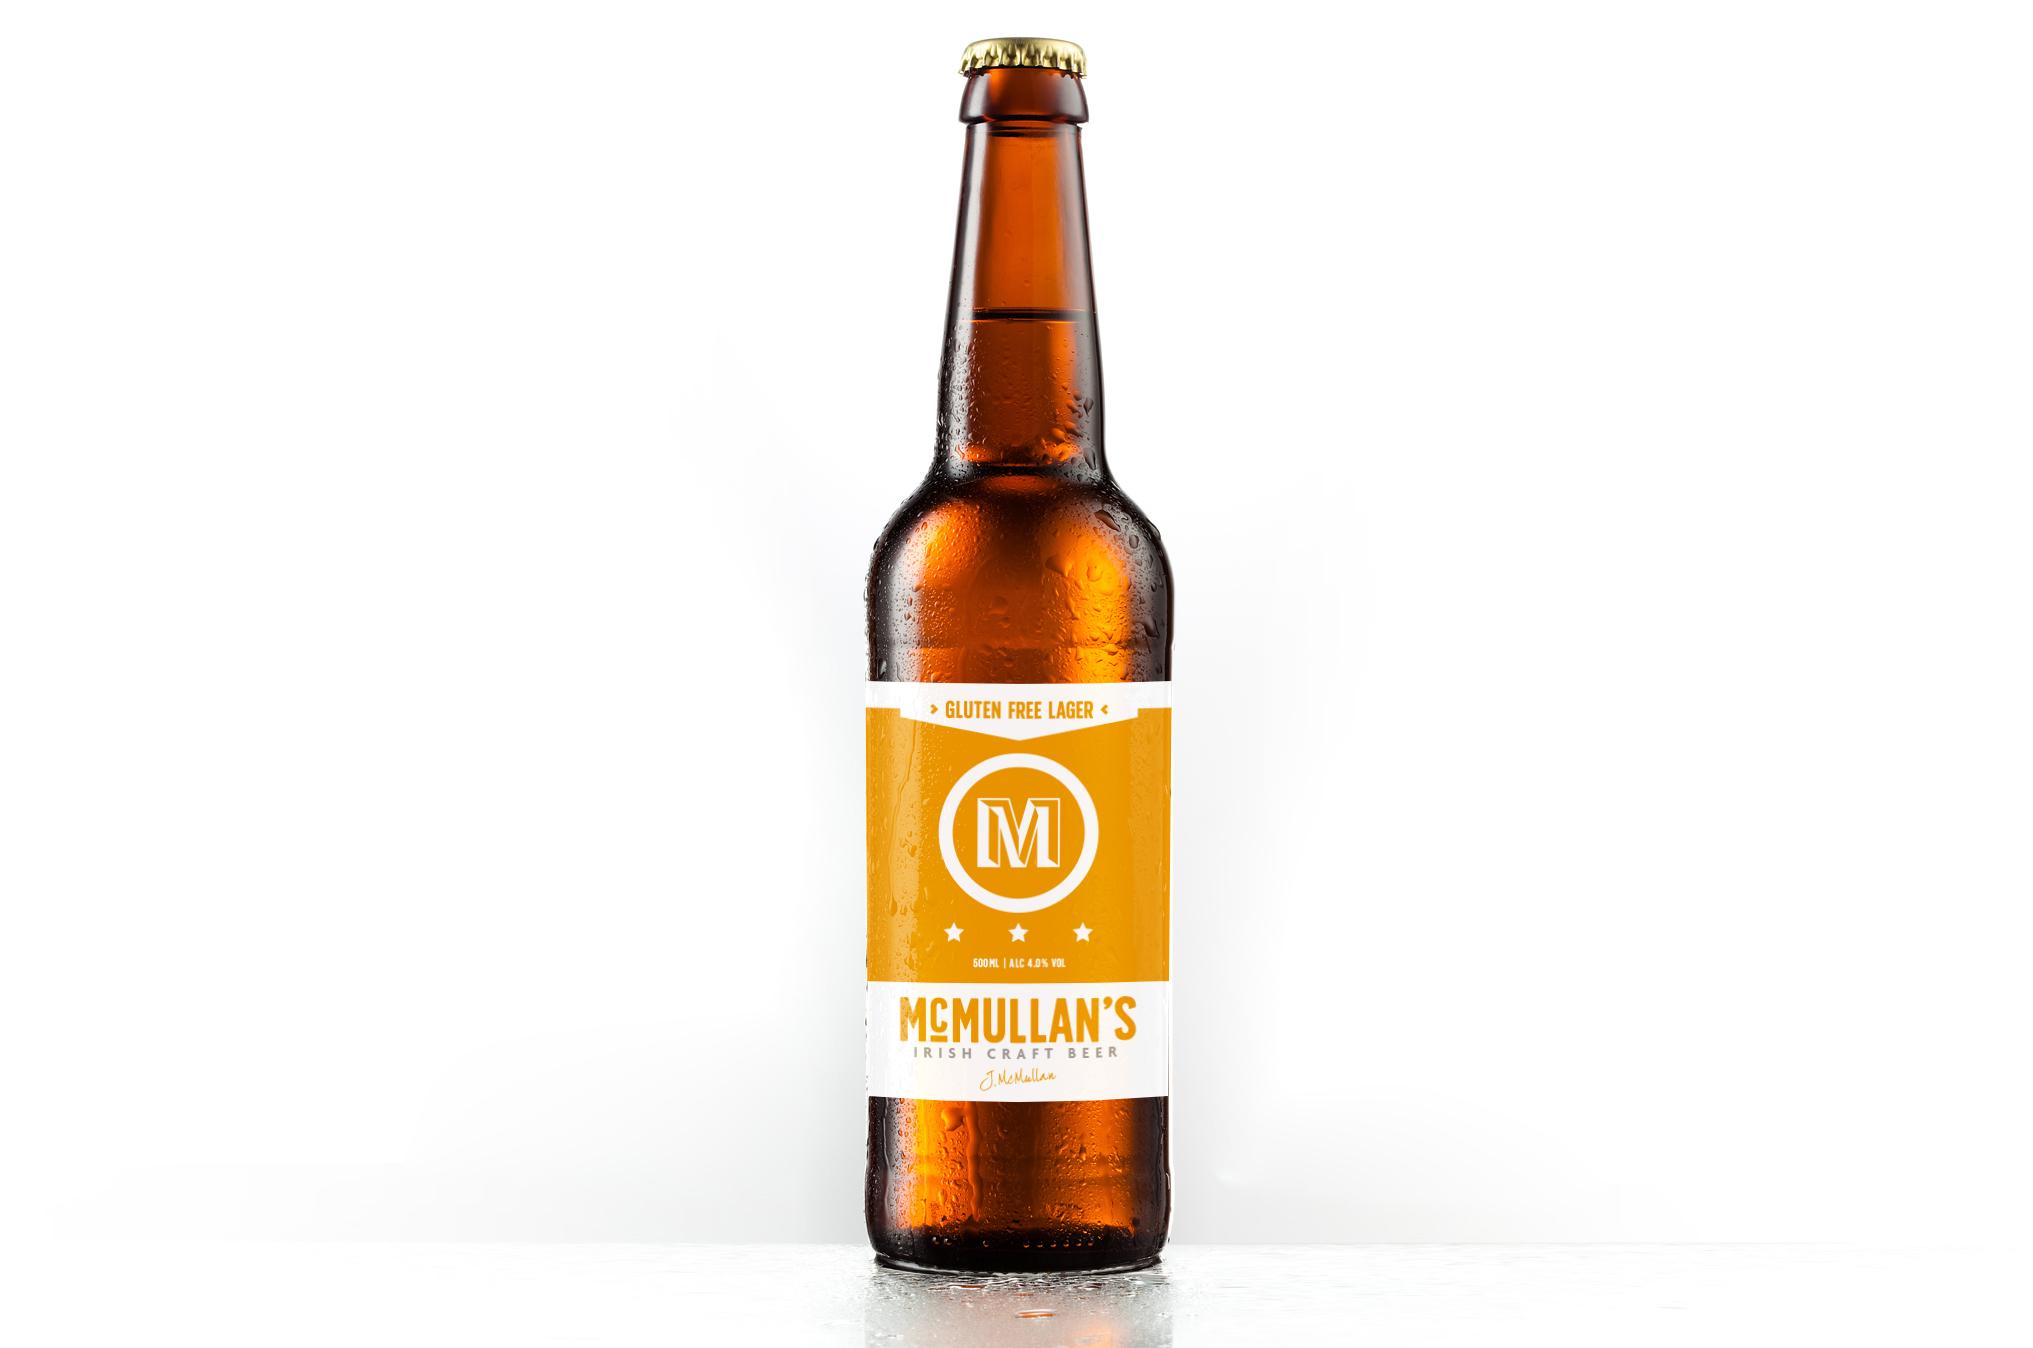 Mockup_beer1.jpg